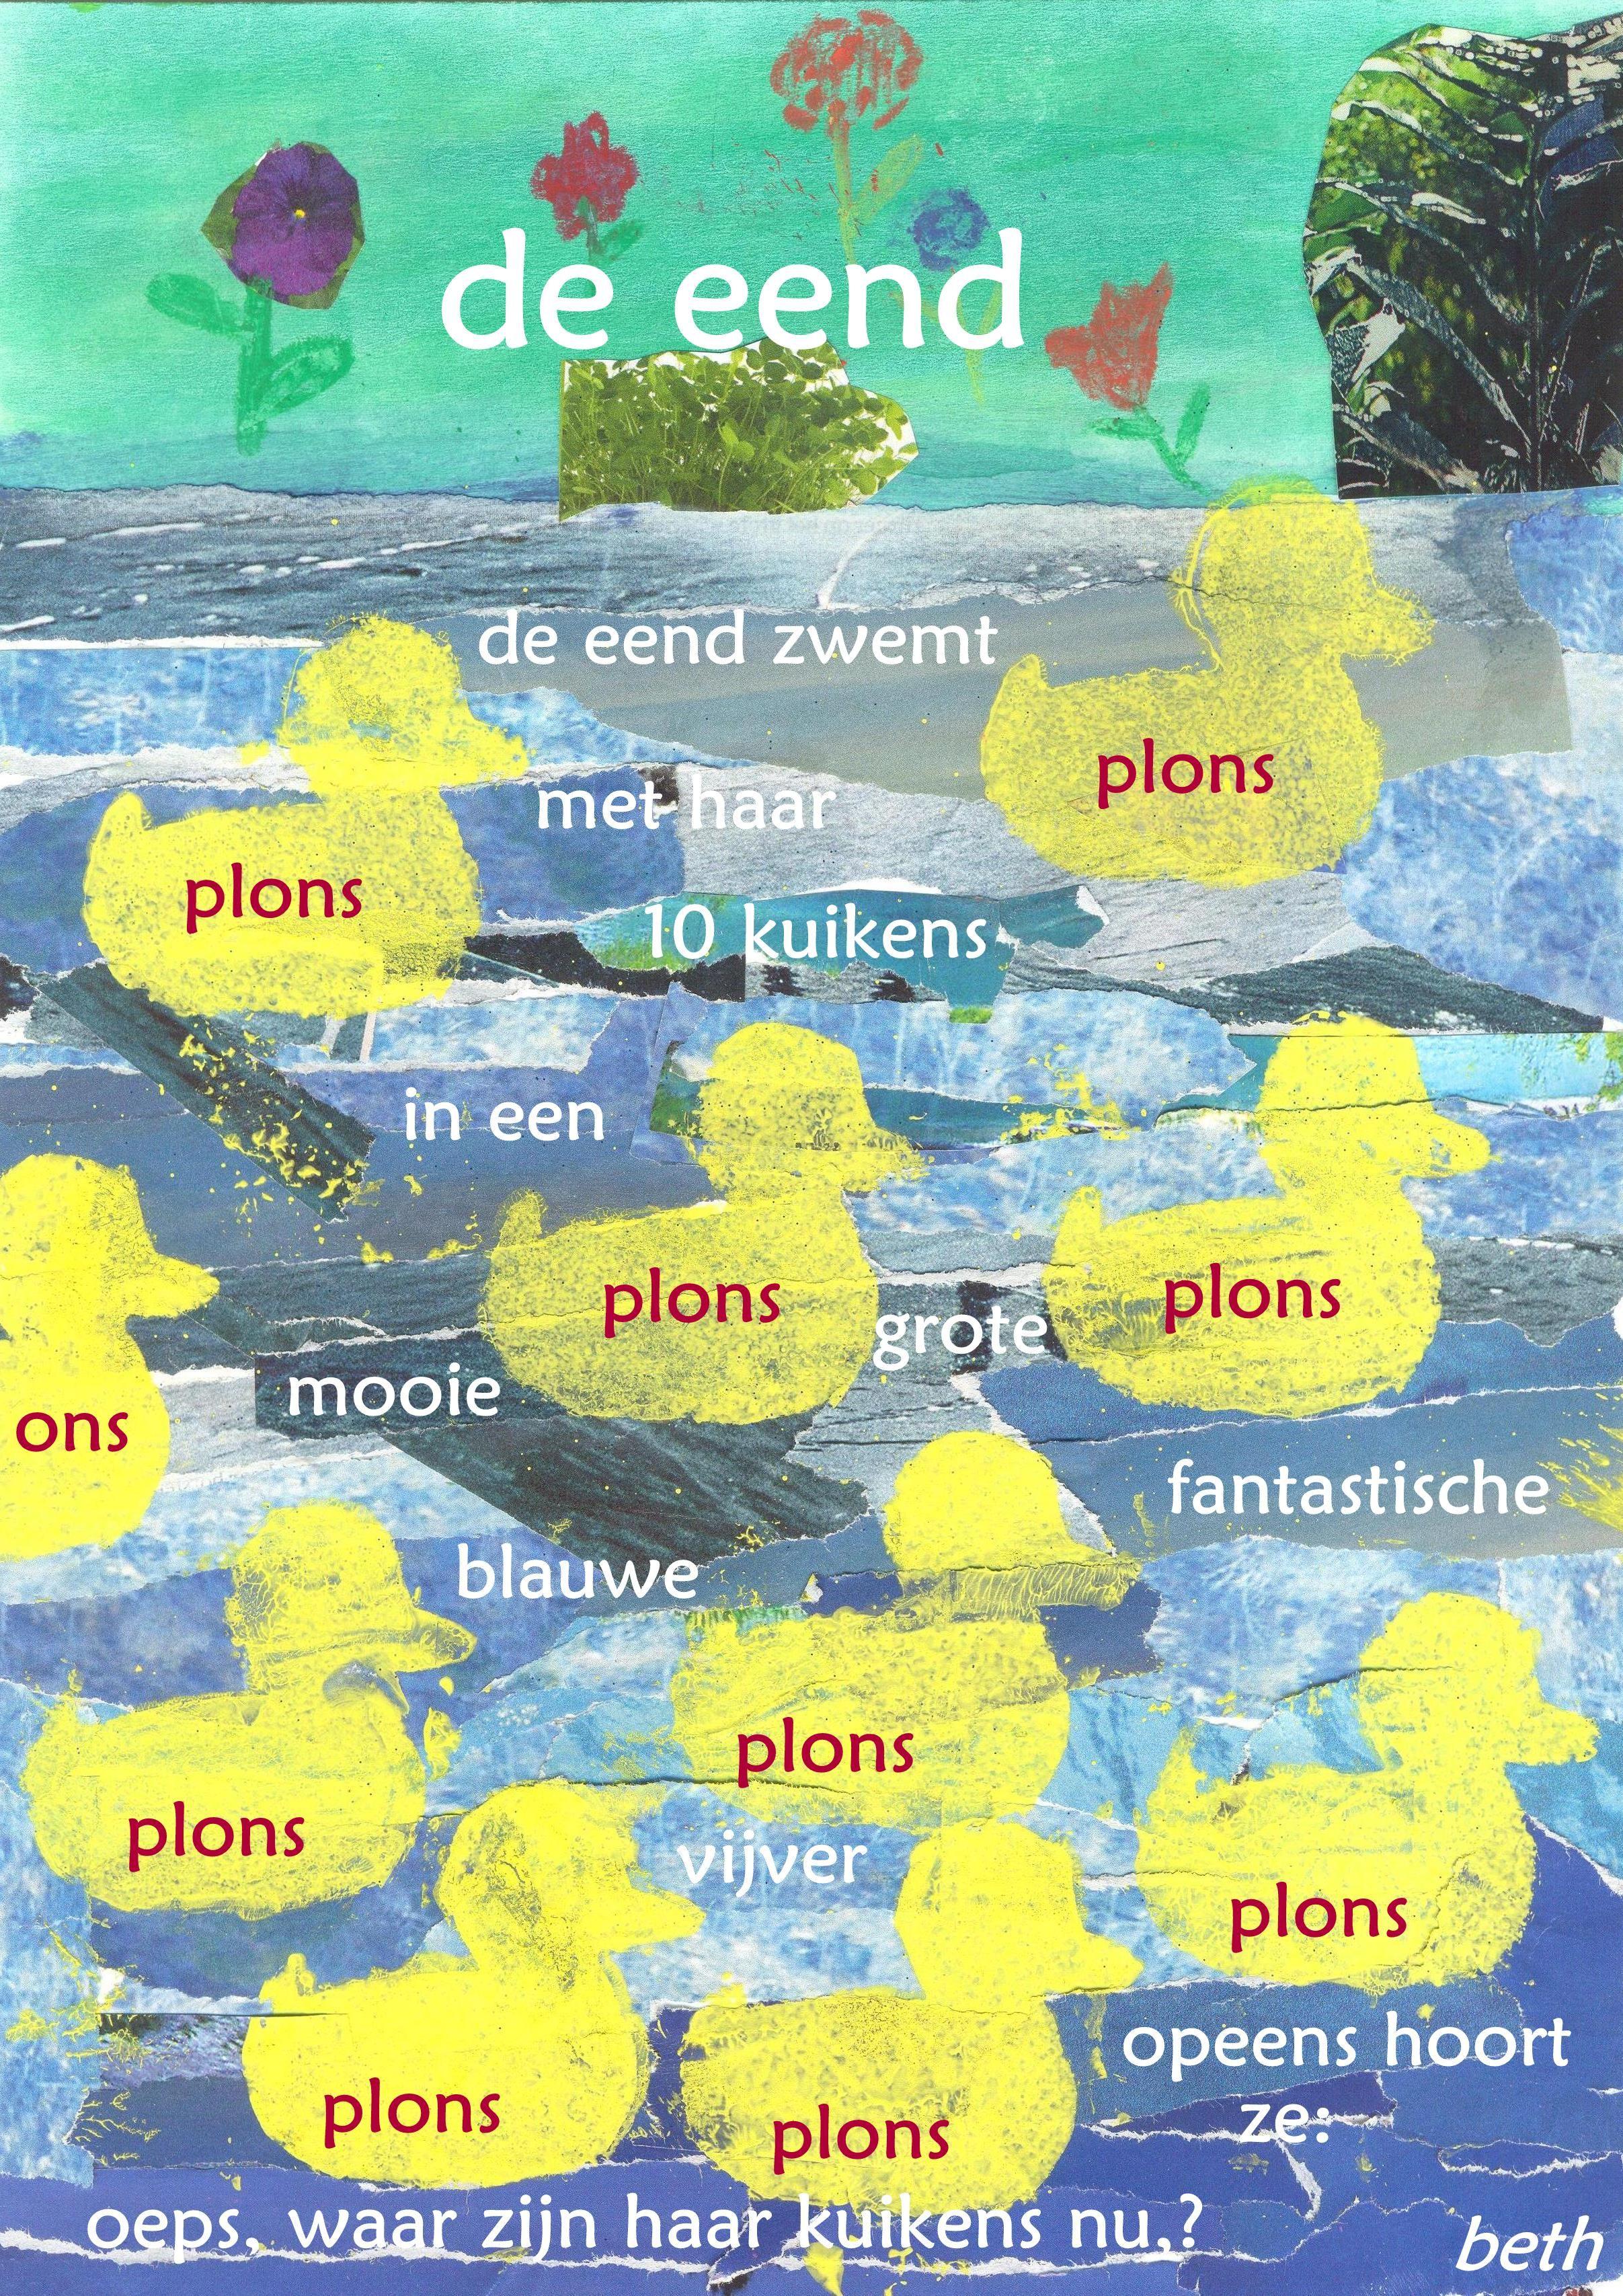 tekst via Picasa op gescande illustratie > illustratie met repen uit tijdschriften + sjabloontechniek